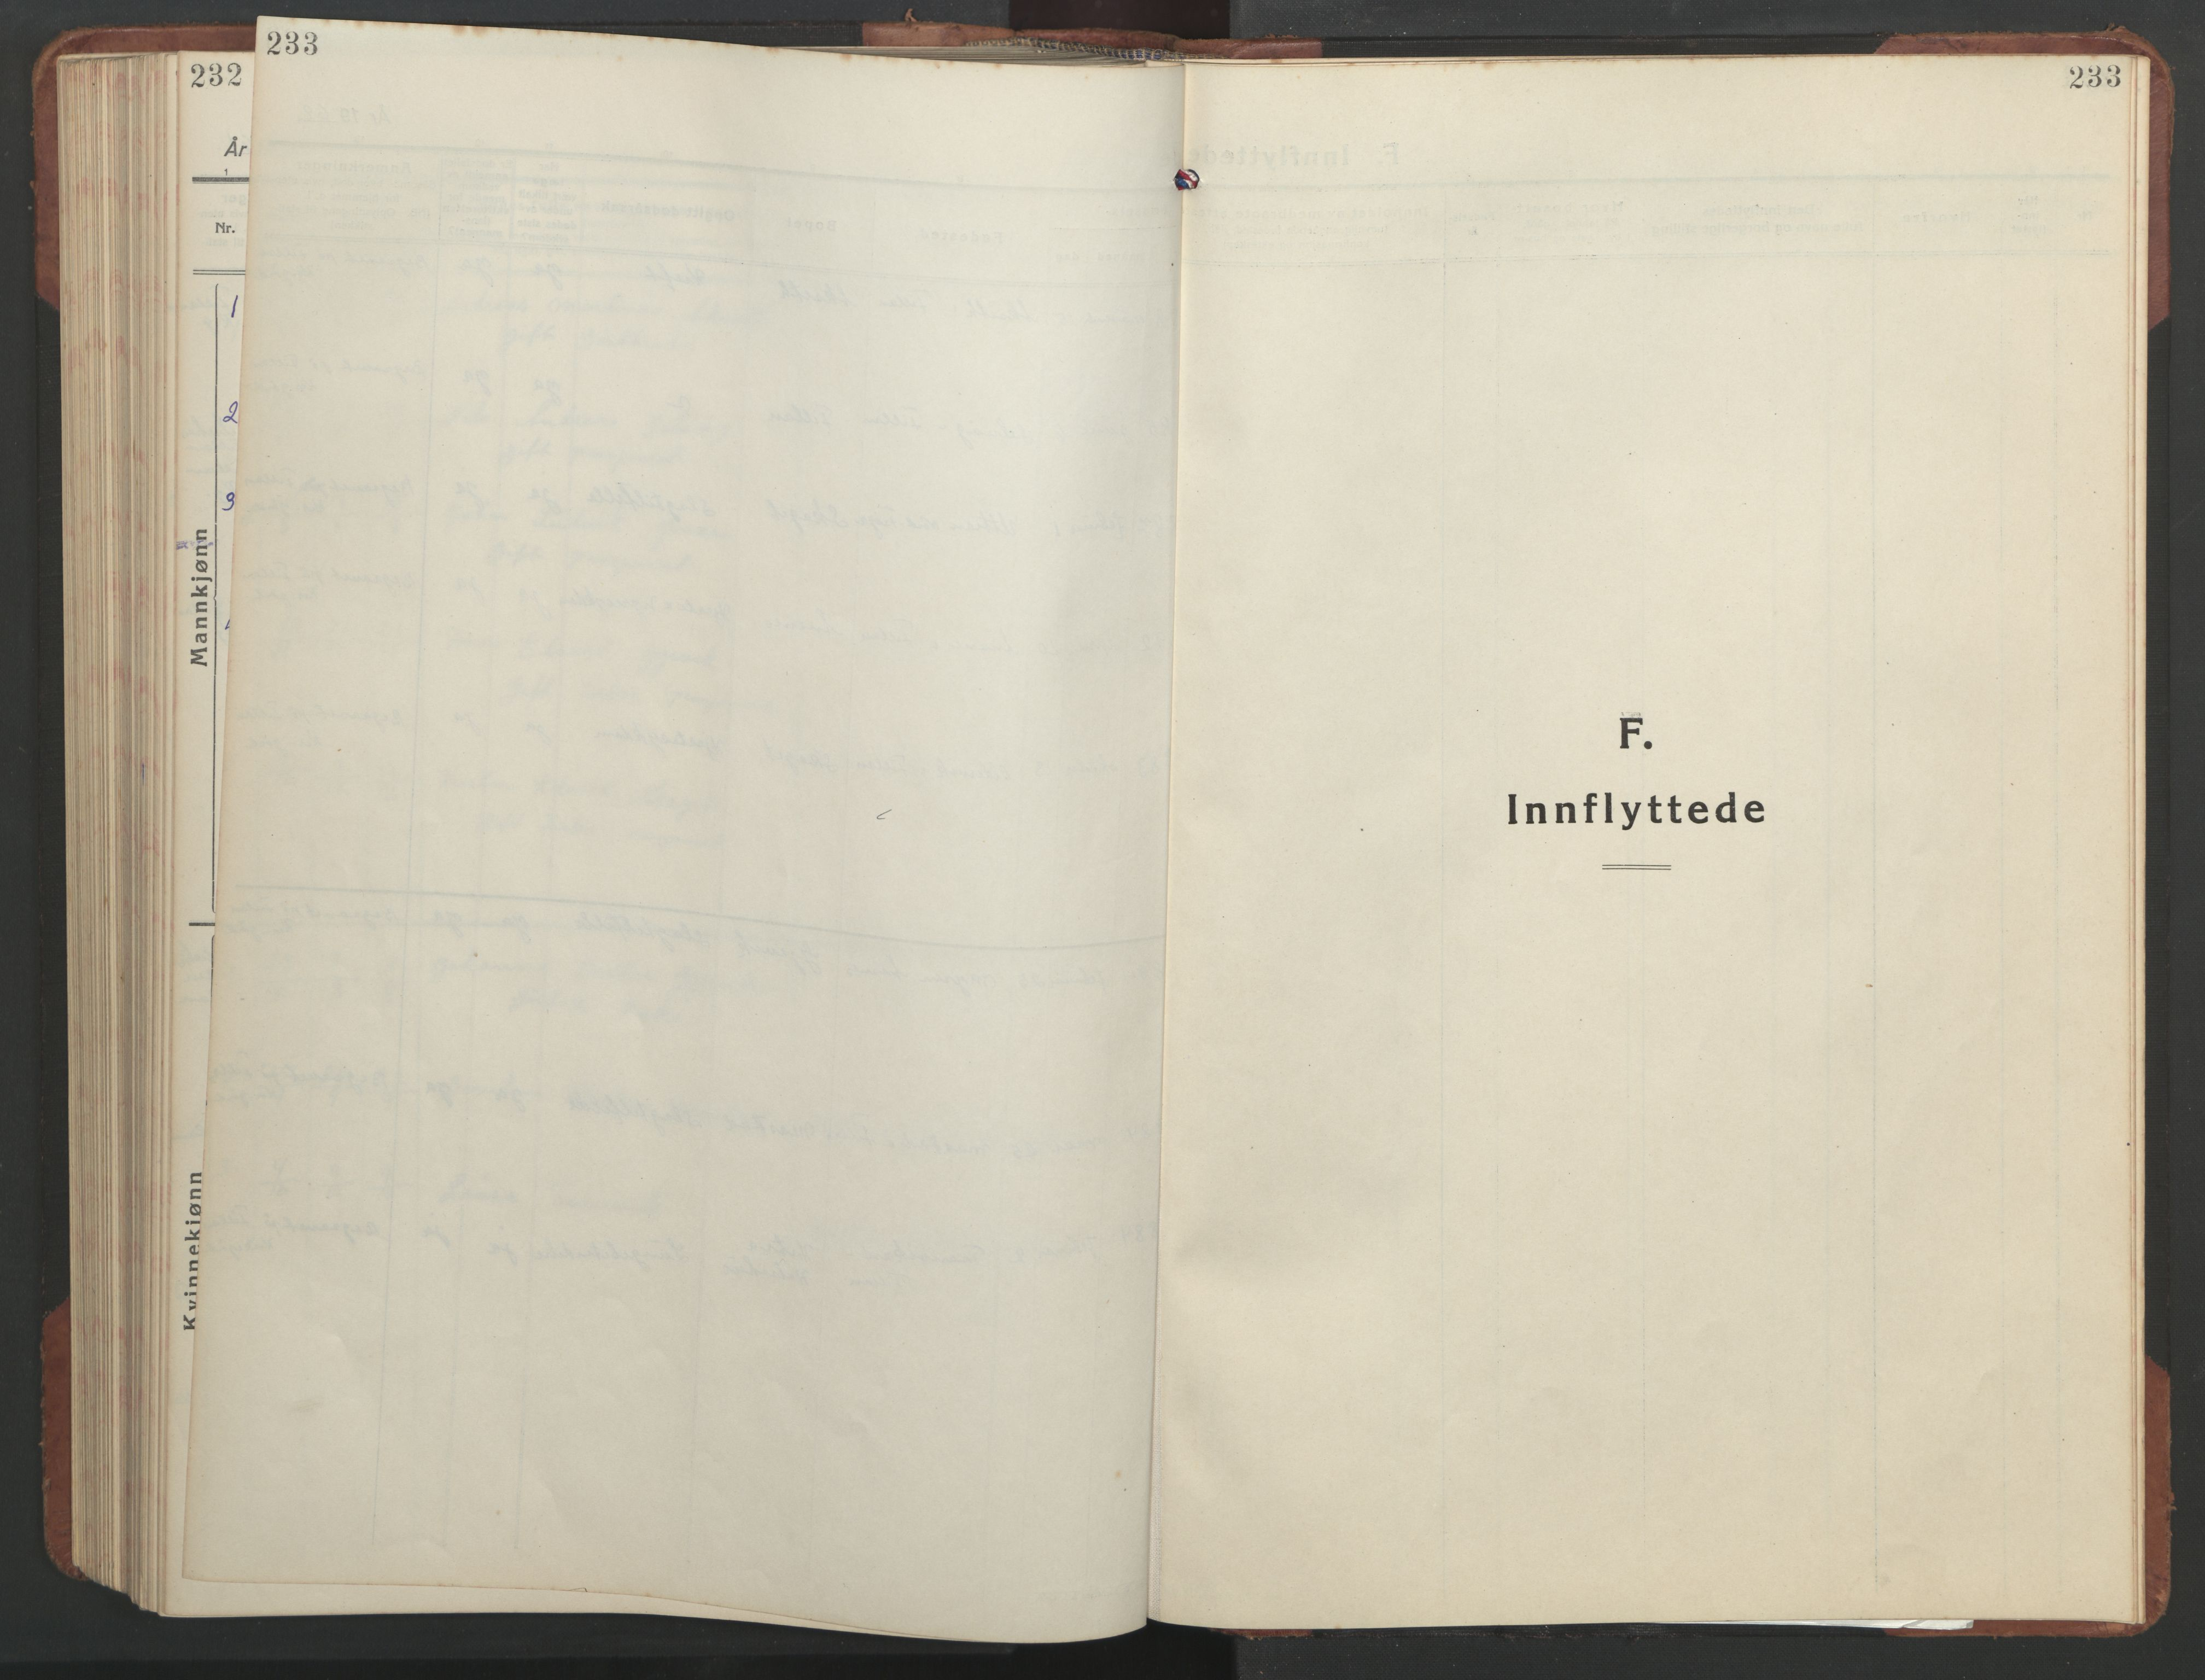 SAT, Ministerialprotokoller, klokkerbøker og fødselsregistre - Sør-Trøndelag, 637/L0564: Klokkerbok nr. 637C05, 1928-1968, s. 233